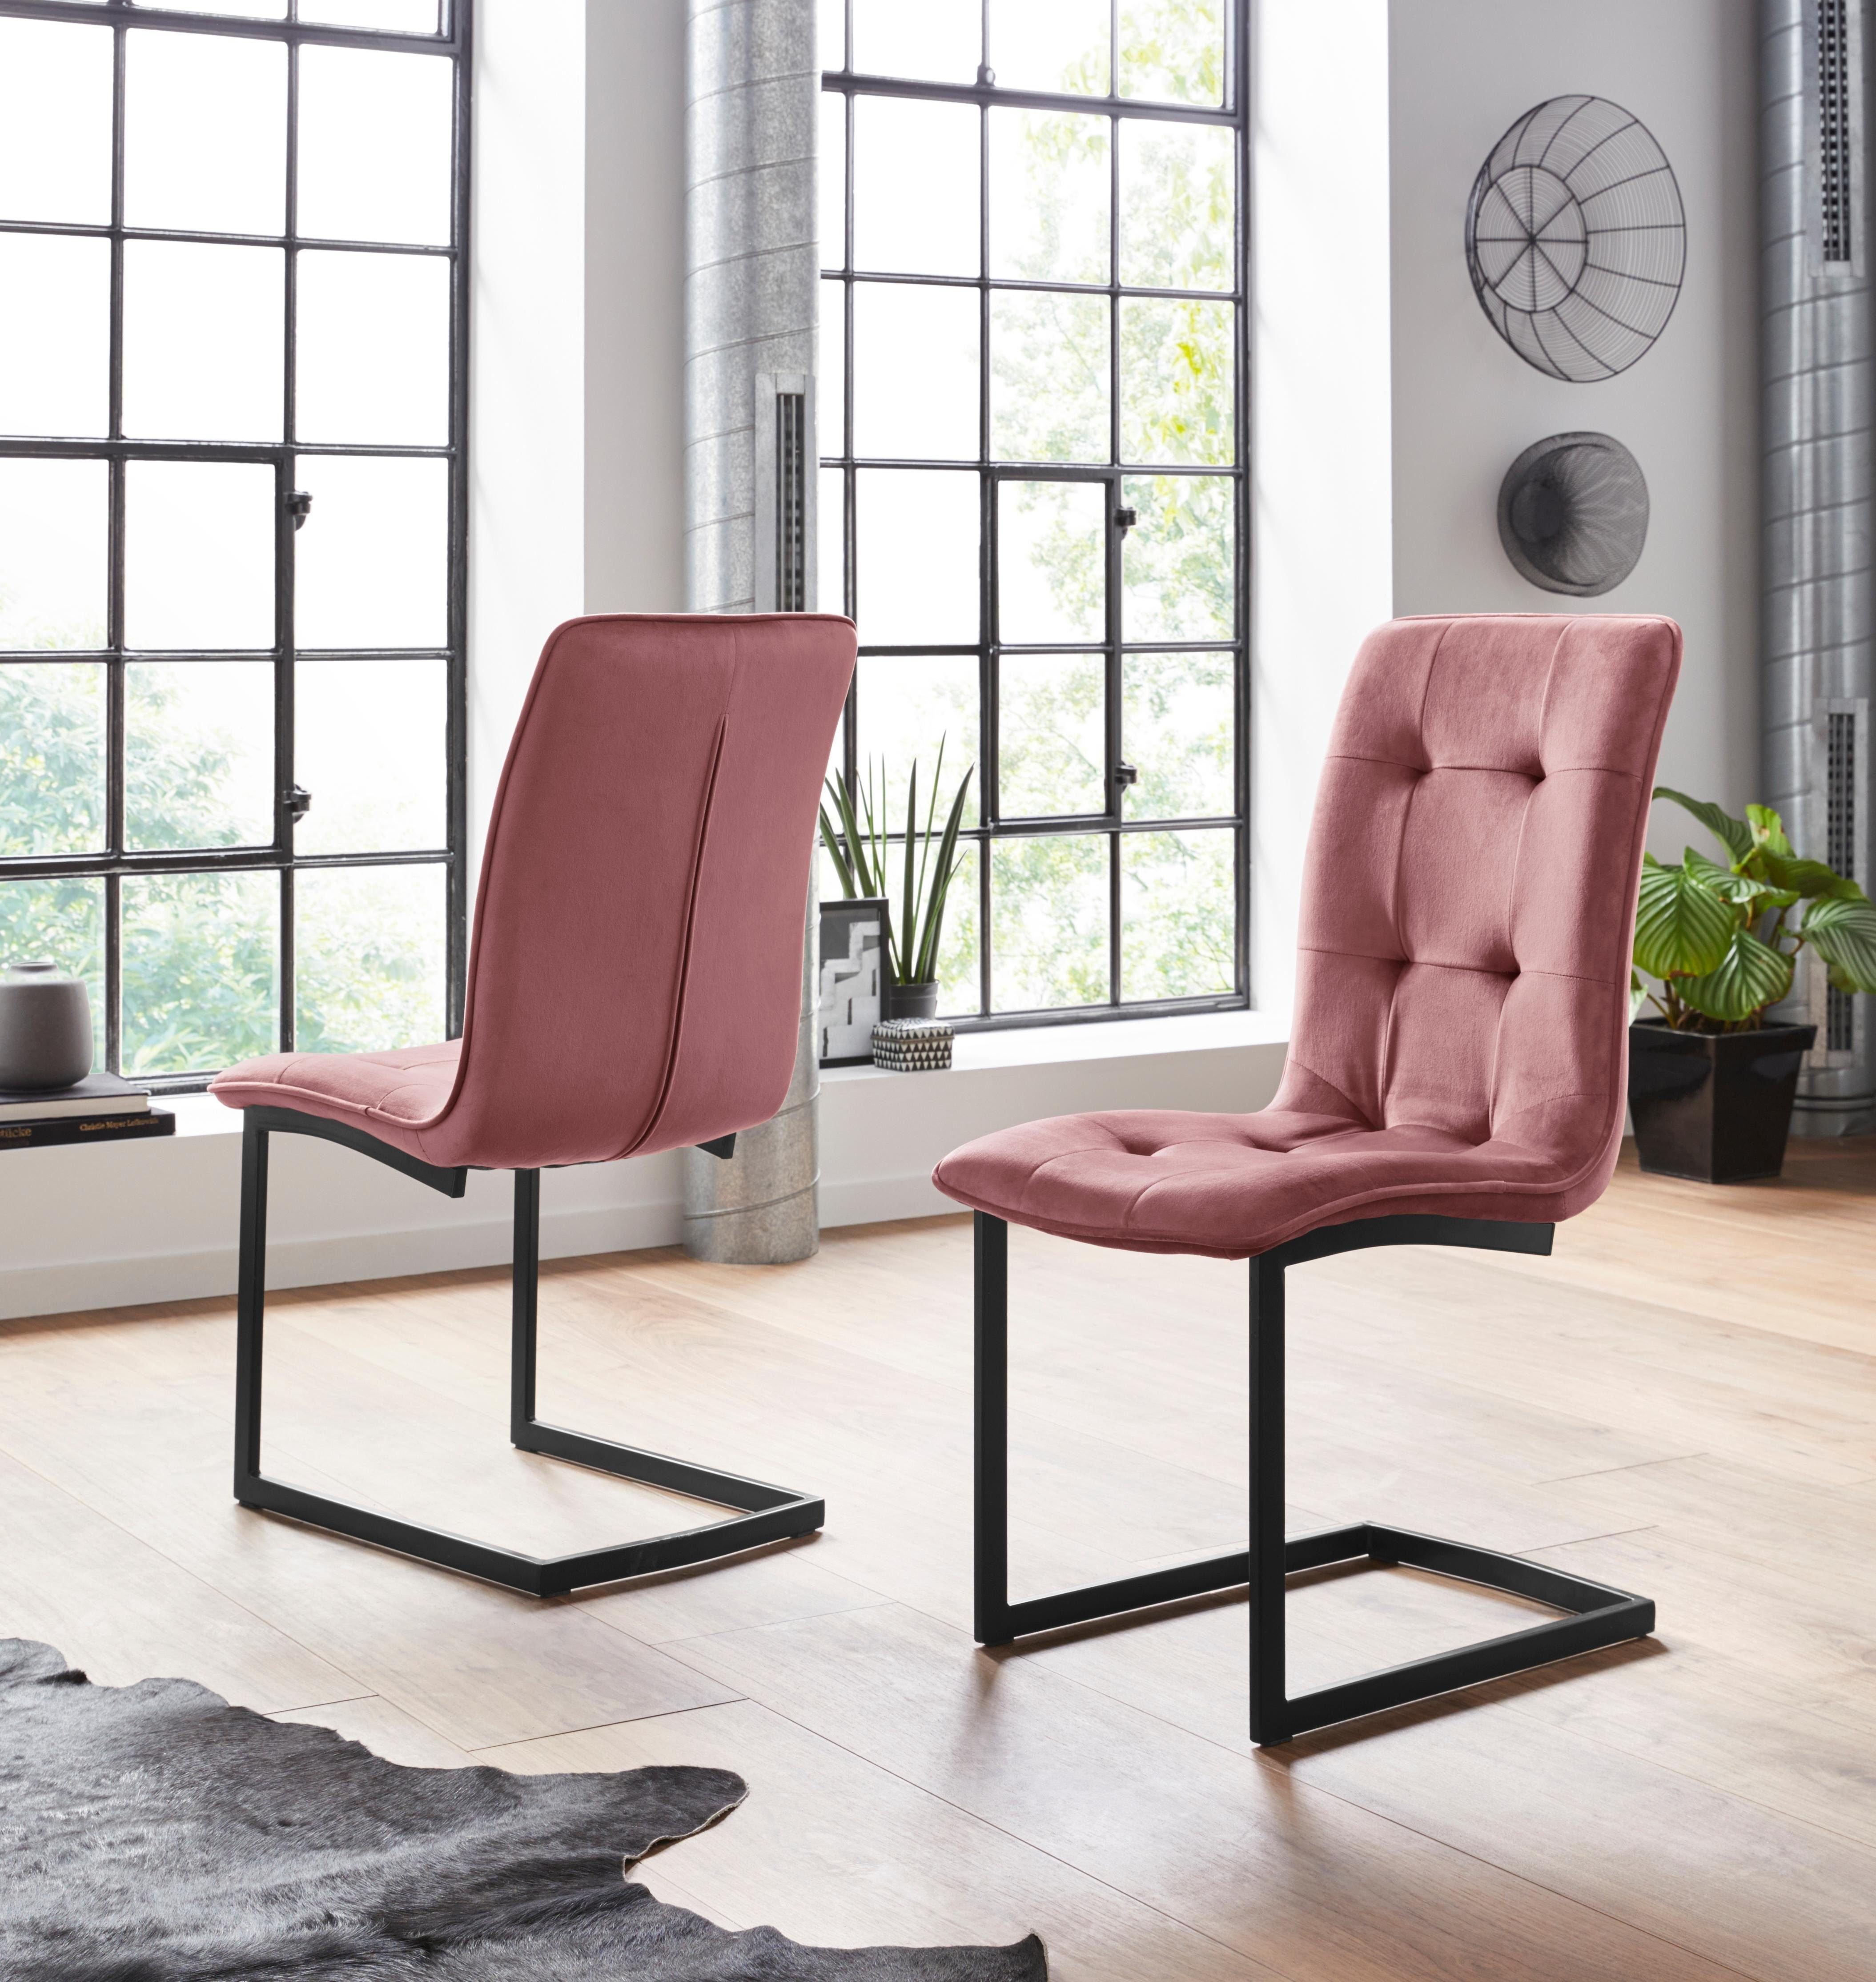 vrijdragende stoel Ofelia (2 stuks) - gratis ruilen op otto.nl